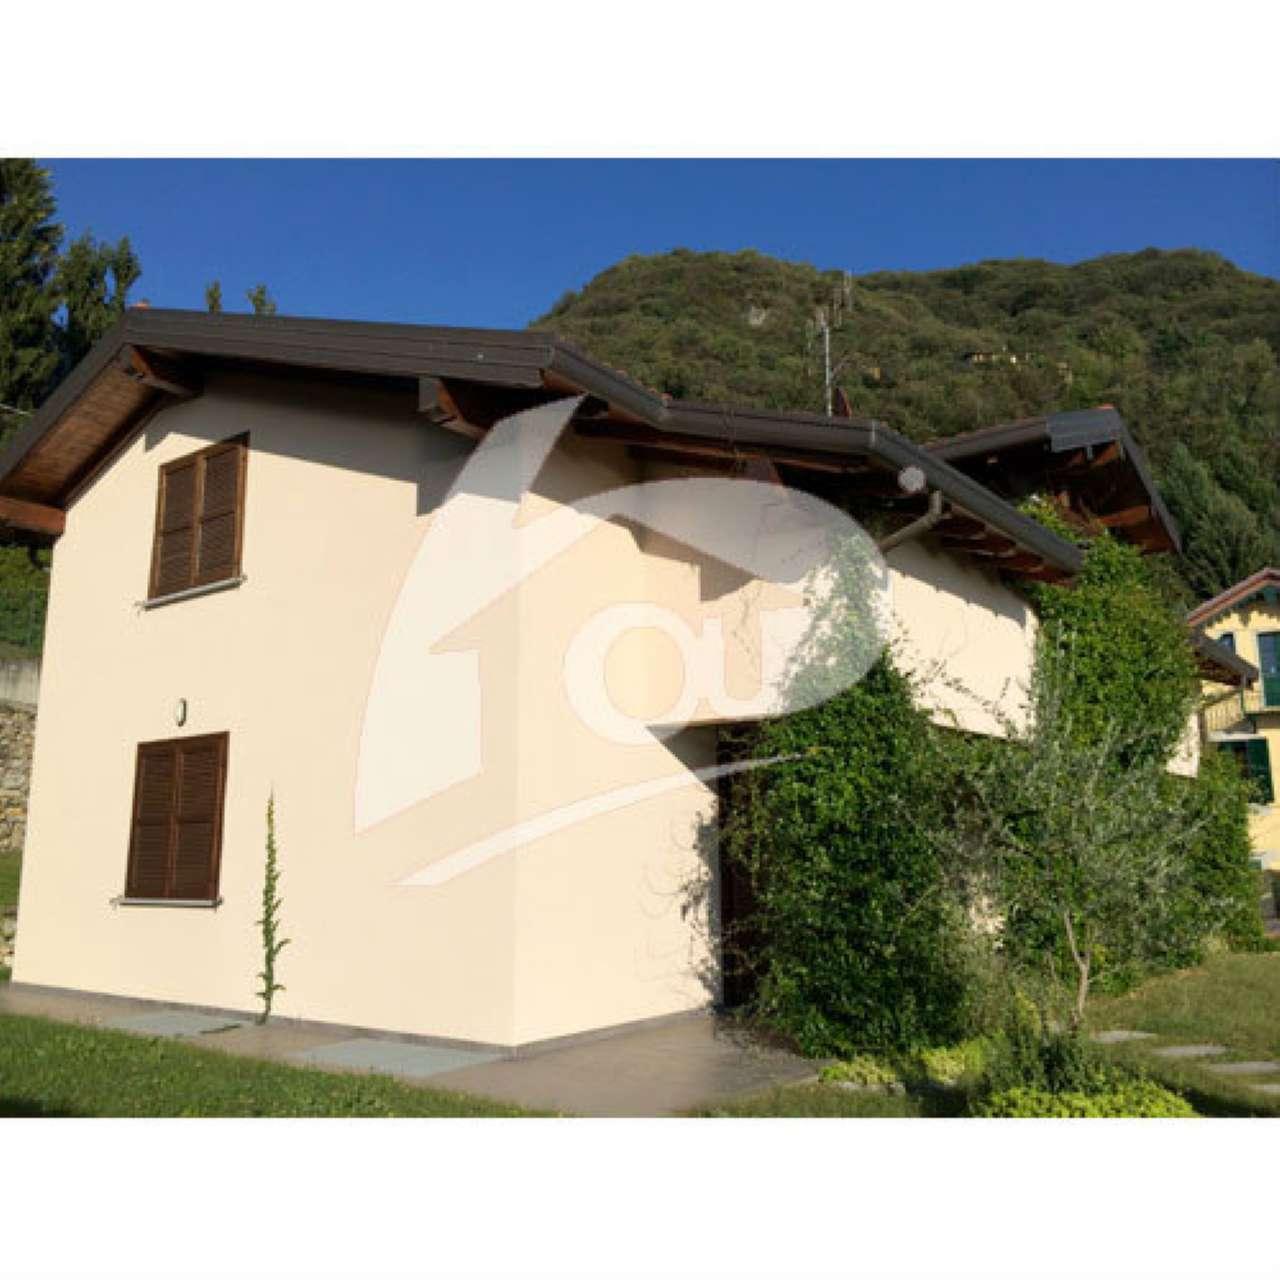 Villa in vendita a Laveno-Mombello, 5 locali, Trattative riservate | CambioCasa.it